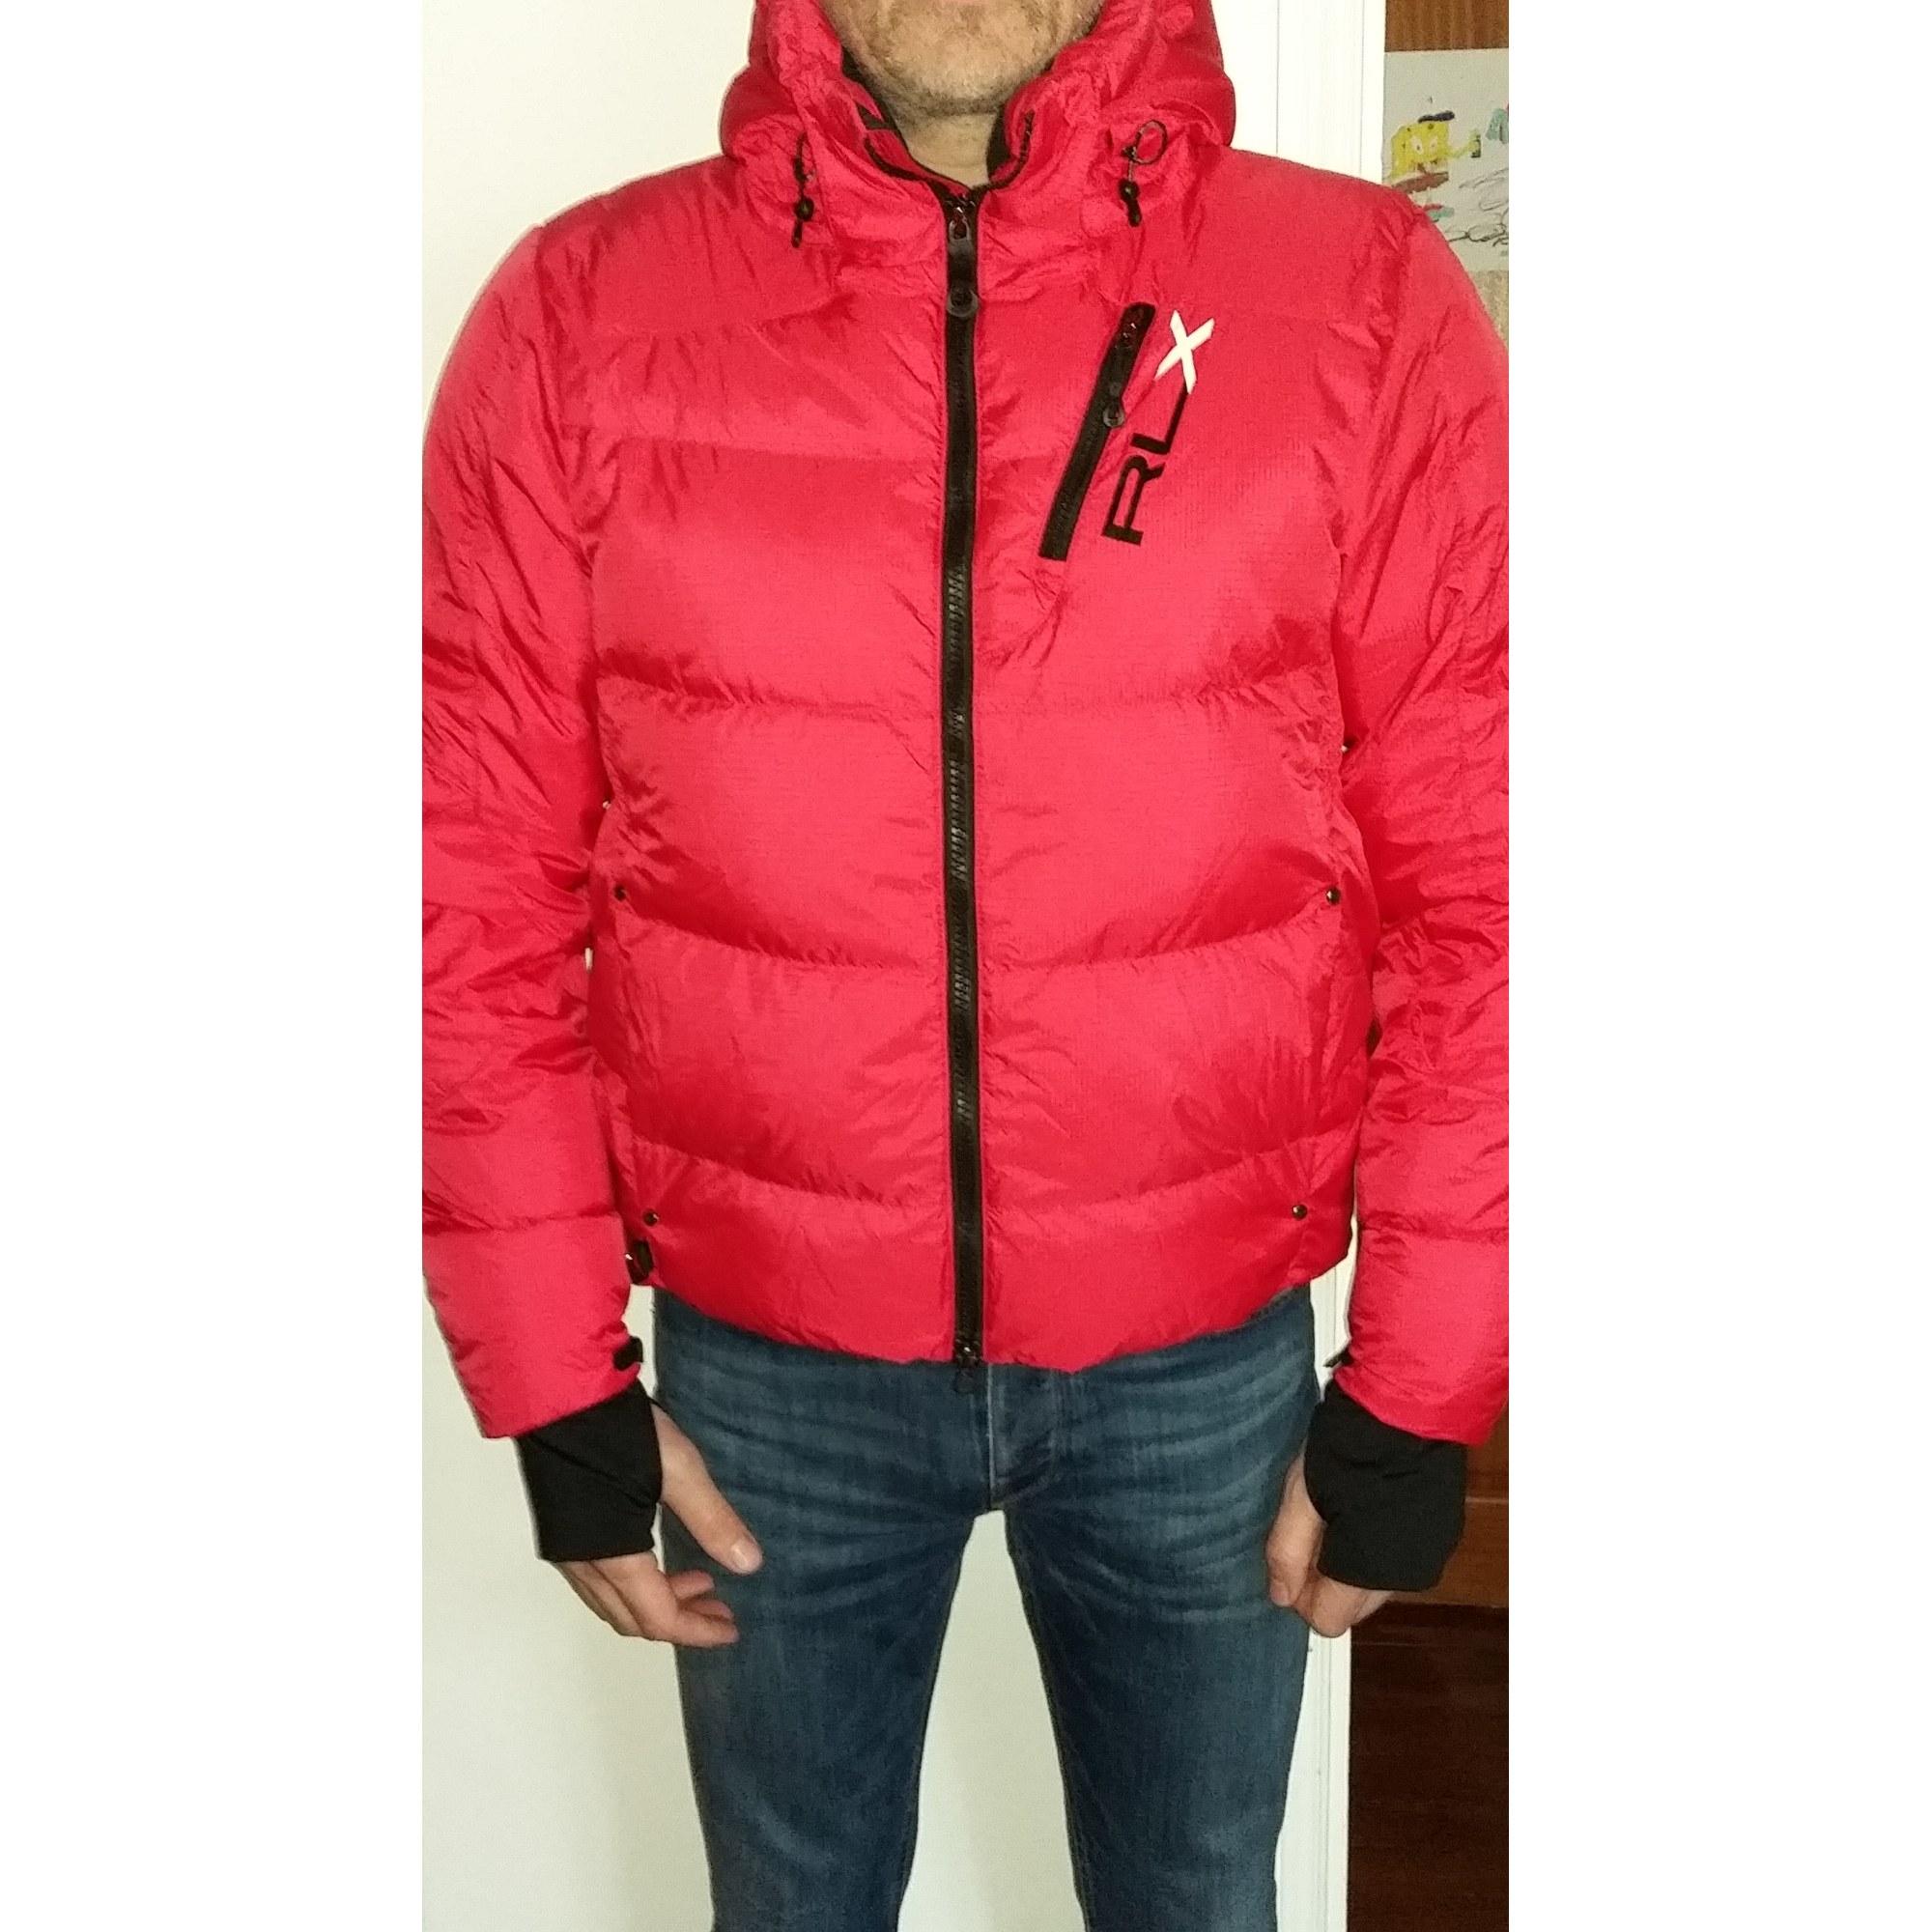 a40c4440c38 Blouson de ski RALPH LAUREN RLX 52 (L) rouge - 7304890